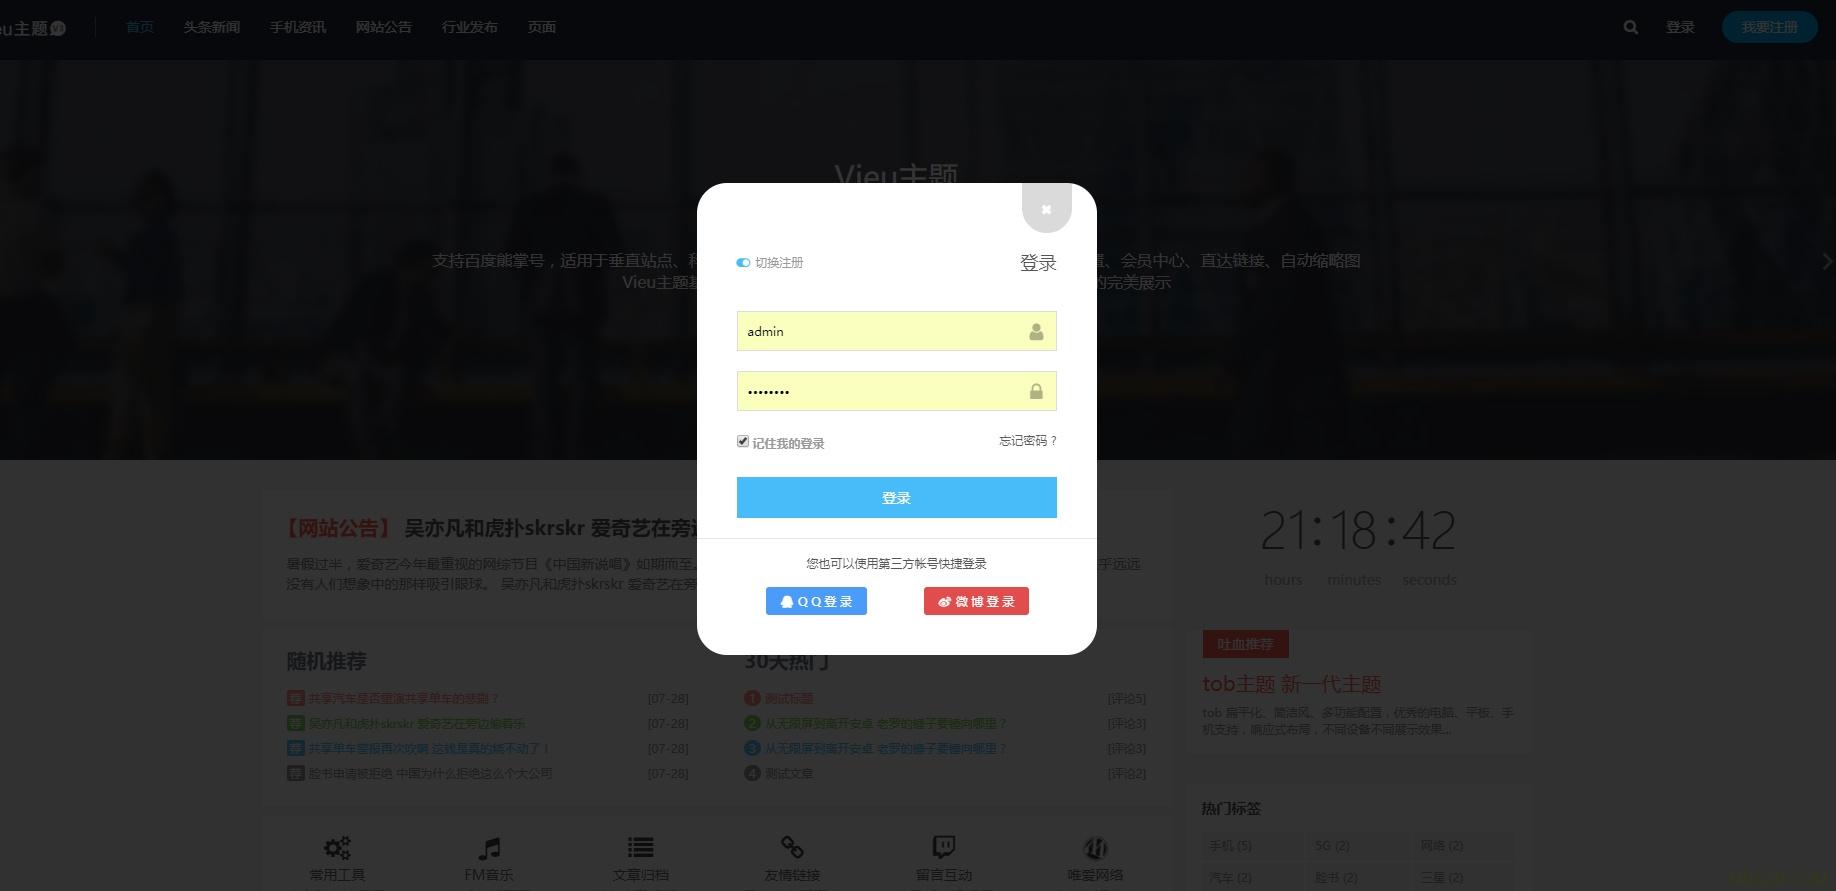 本站Vieu主题V3正式版介绍购买说明